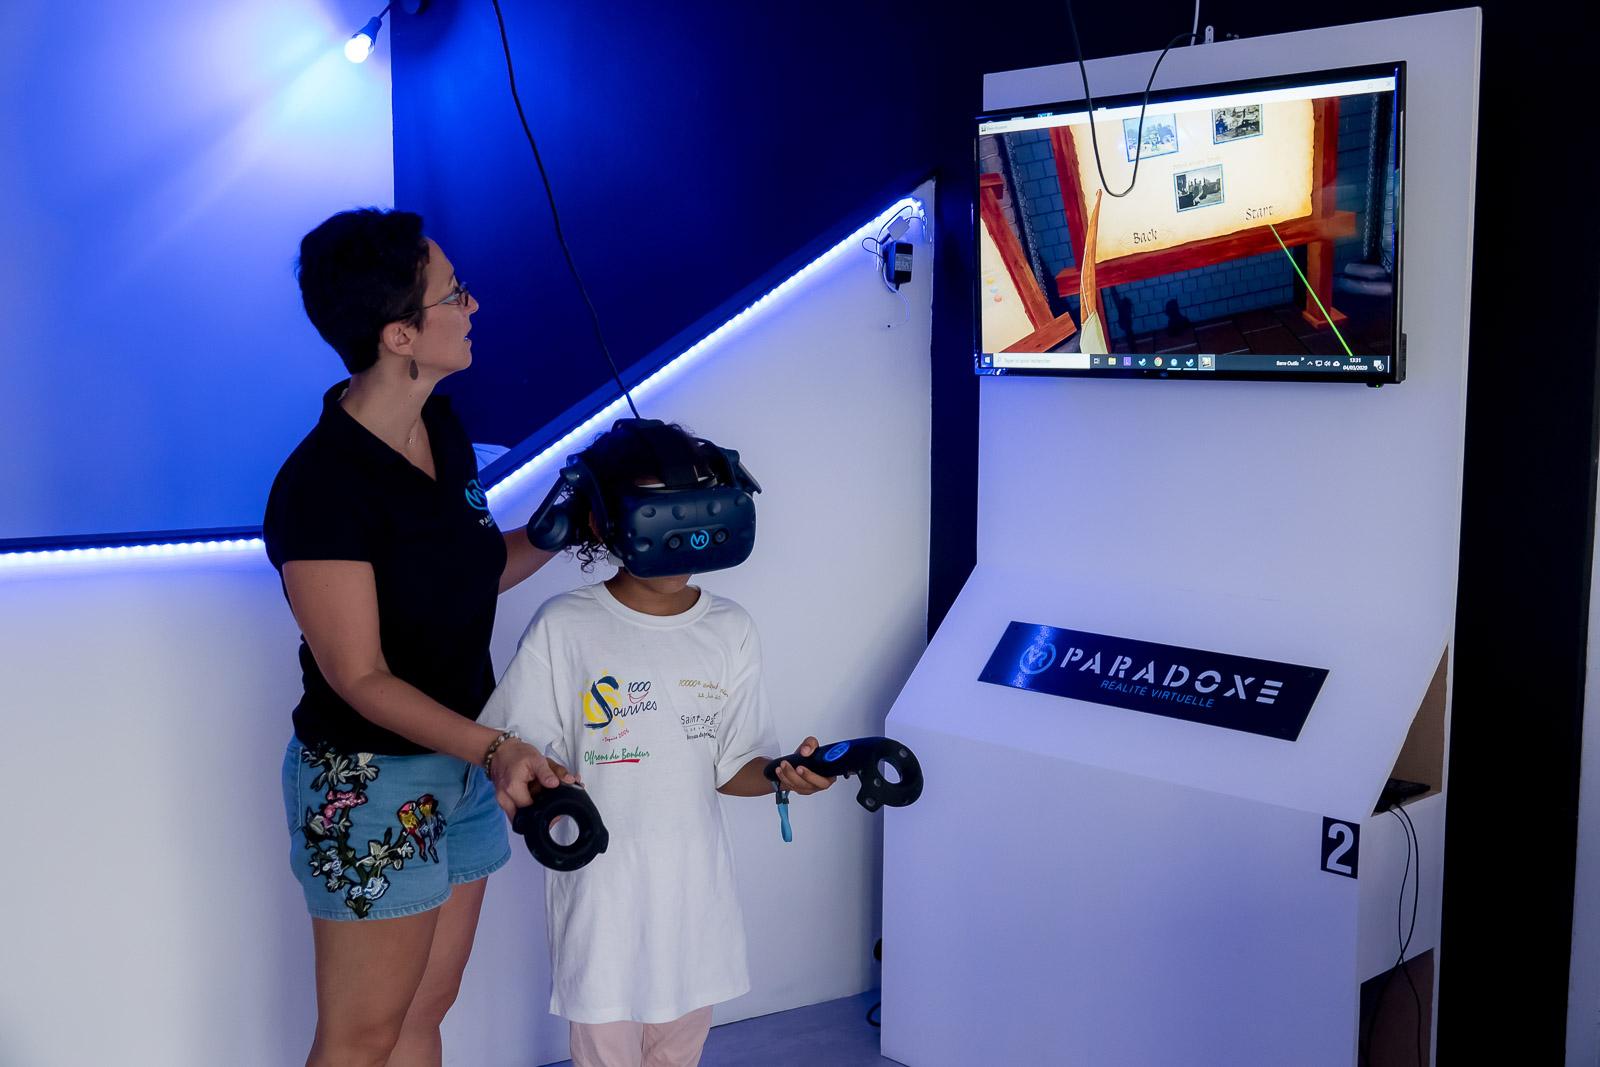 <center>Les marmailles de 1000 Sourires transportés dans une réalité virtuelle par VR Paradoxe.